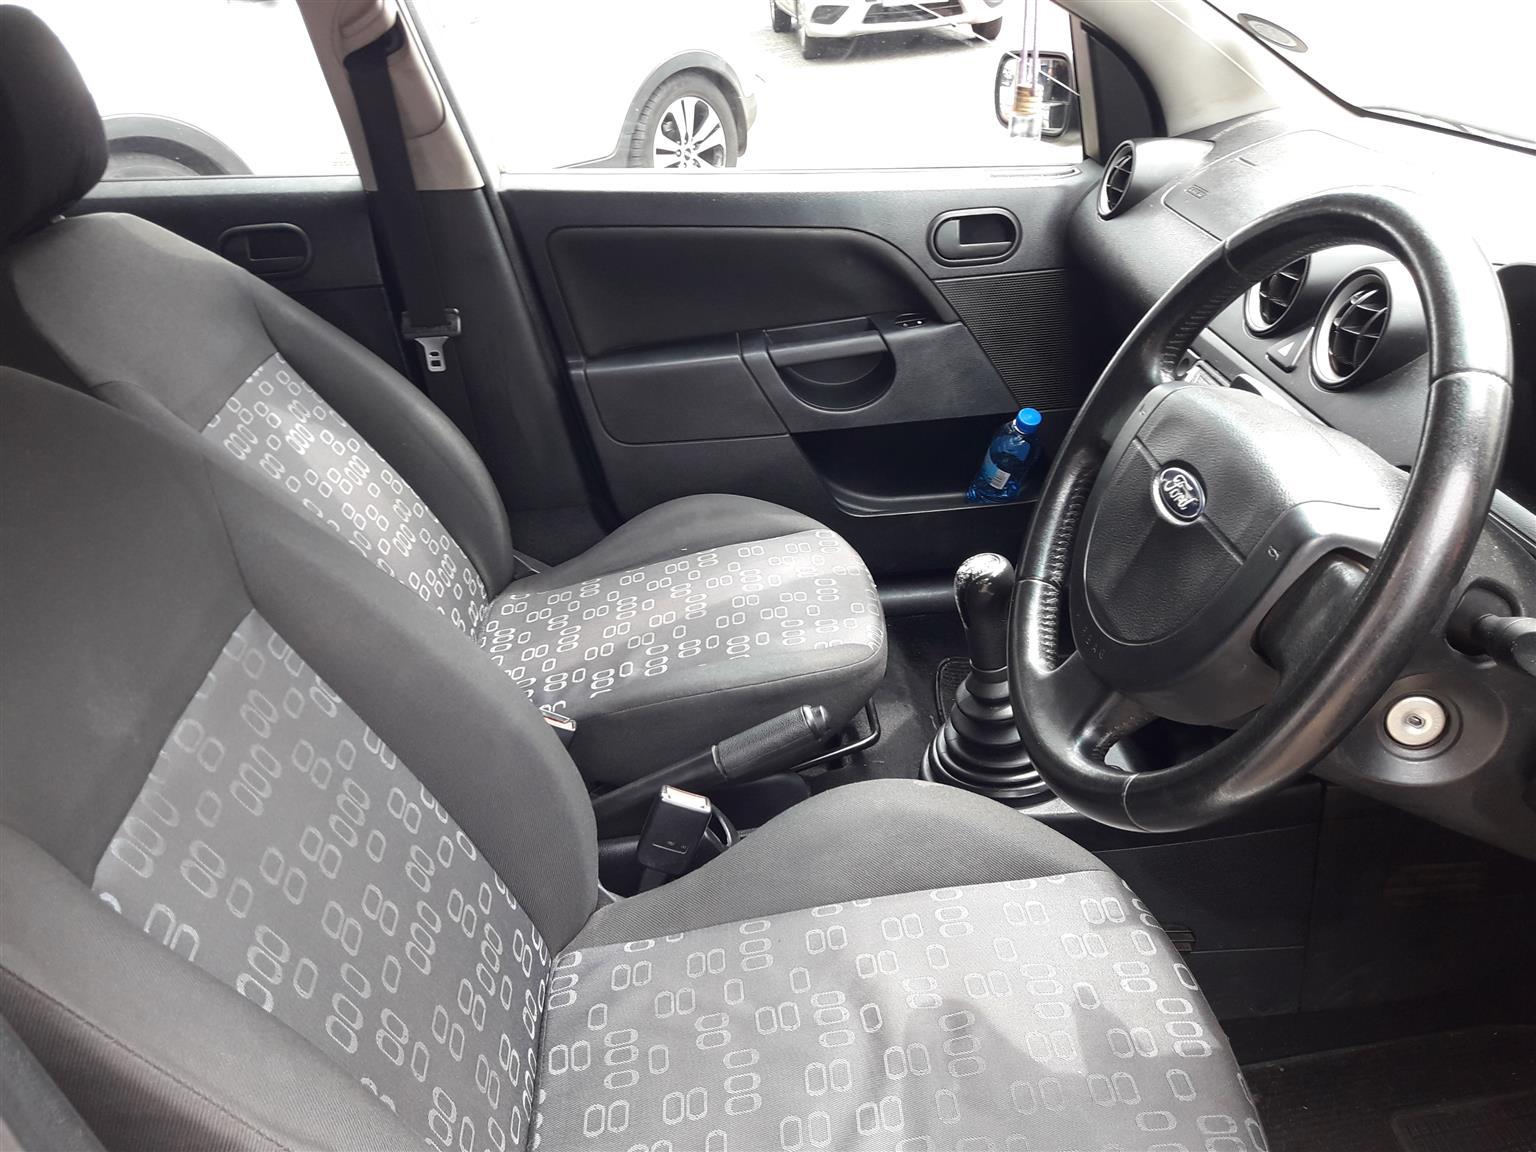 2005 Ford Fiesta 1.6TDCi 5 door Ambiente